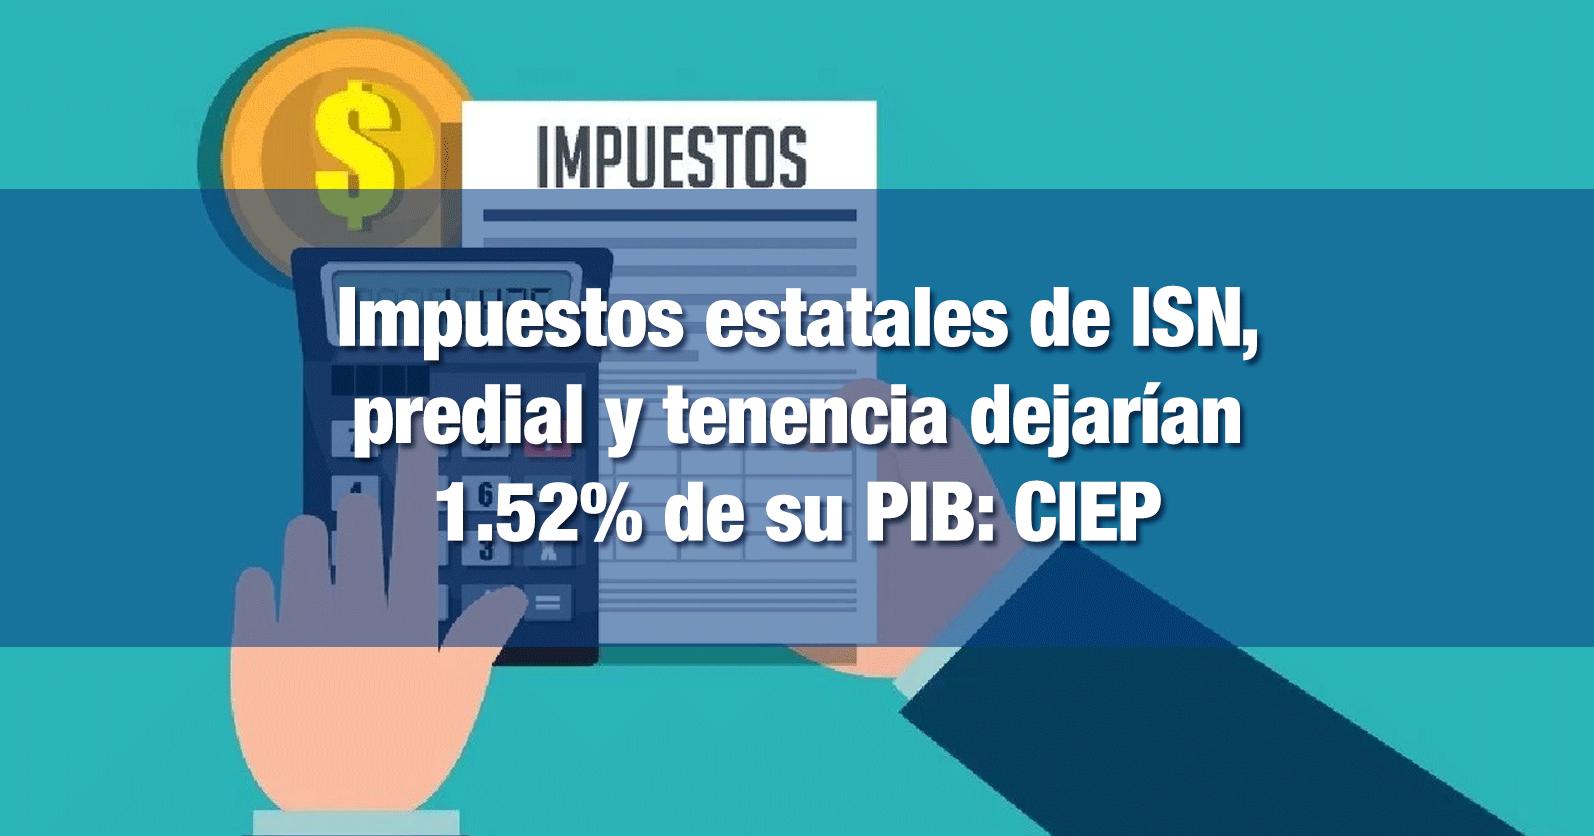 Impuestos estatales de ISN, predial y tenencia dejarían 1.52% de su PIB: CIEP